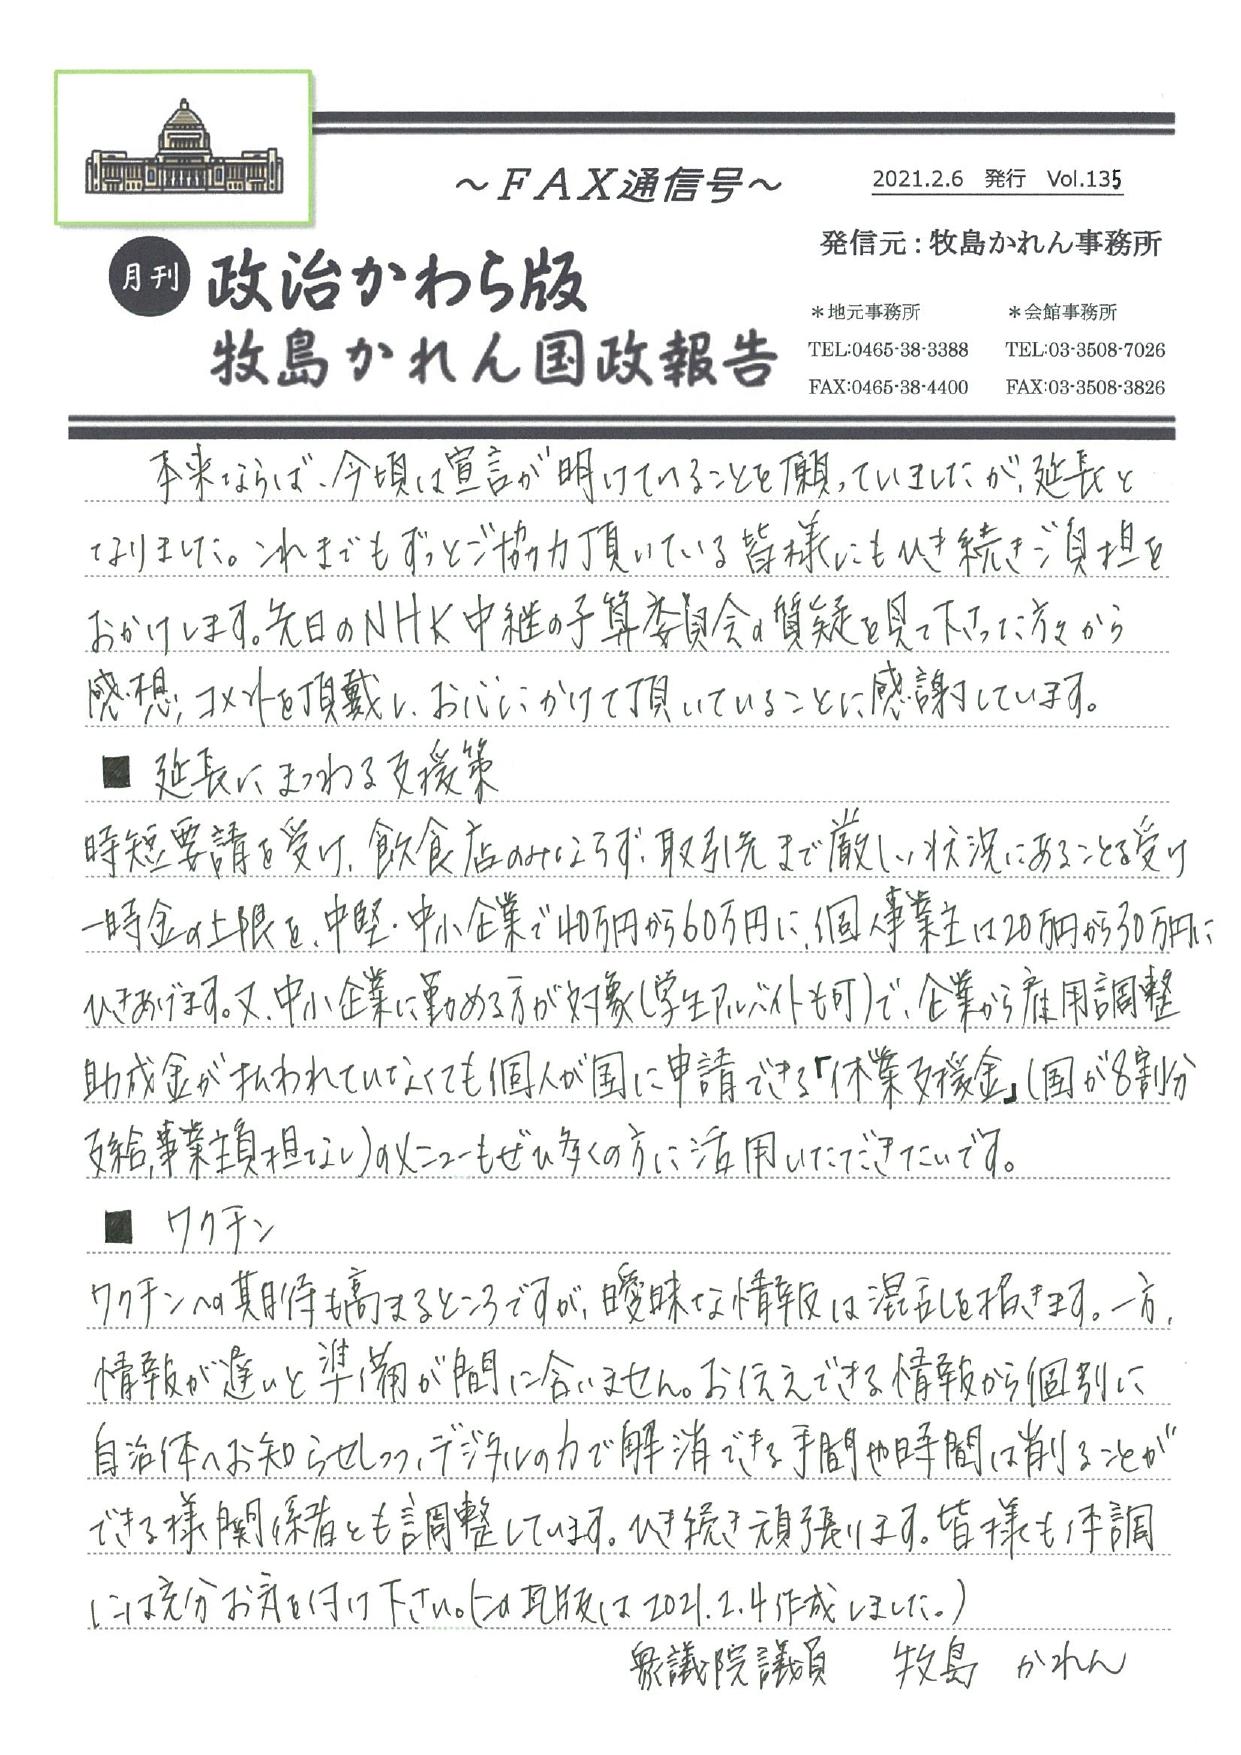 牧島かれん 政治かわら版2月号Vol.135